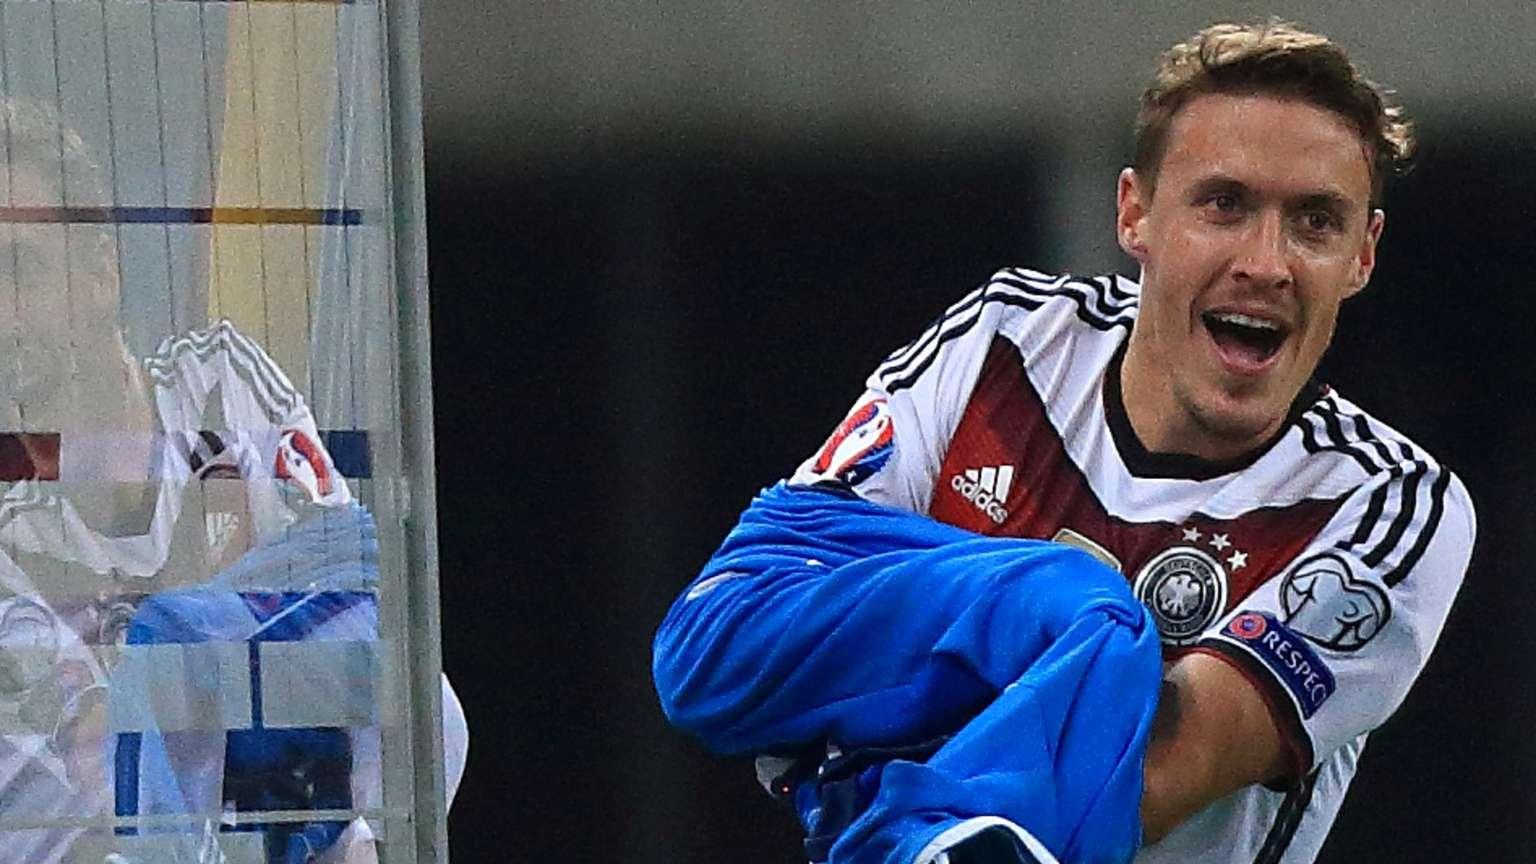 Max Kruse hofft trotz Suspendierung aus Nationalmannschaft